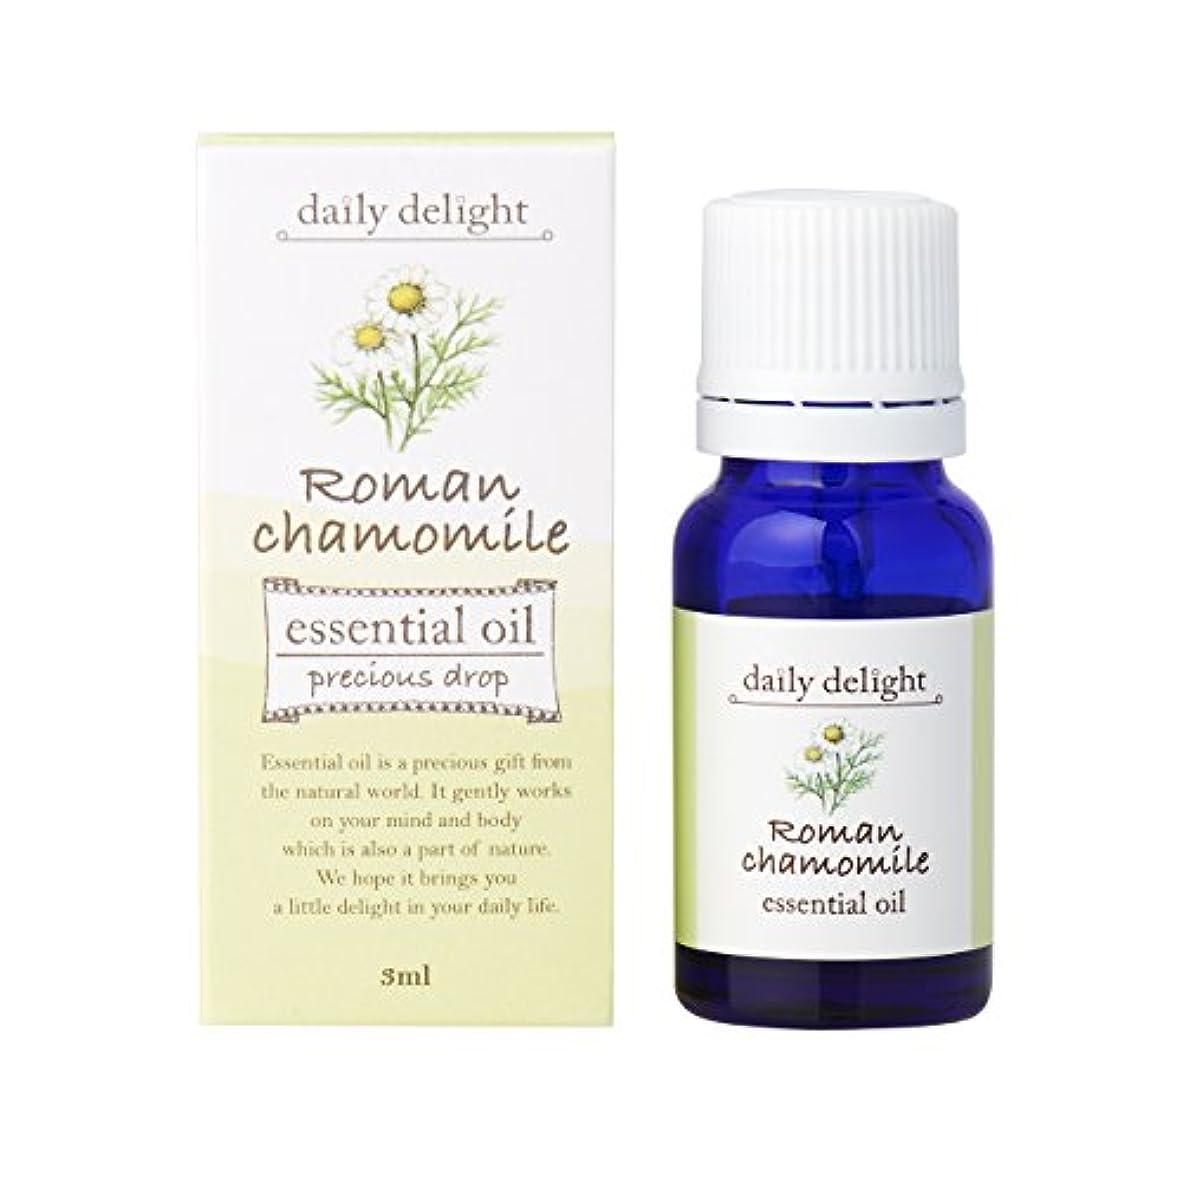 哺乳類ペダルトロリーデイリーディライト エッセンシャルオイル ローマンカモミール 3ml(天然100% 精油 アロマ フローラル系 青リンゴに似た香り)